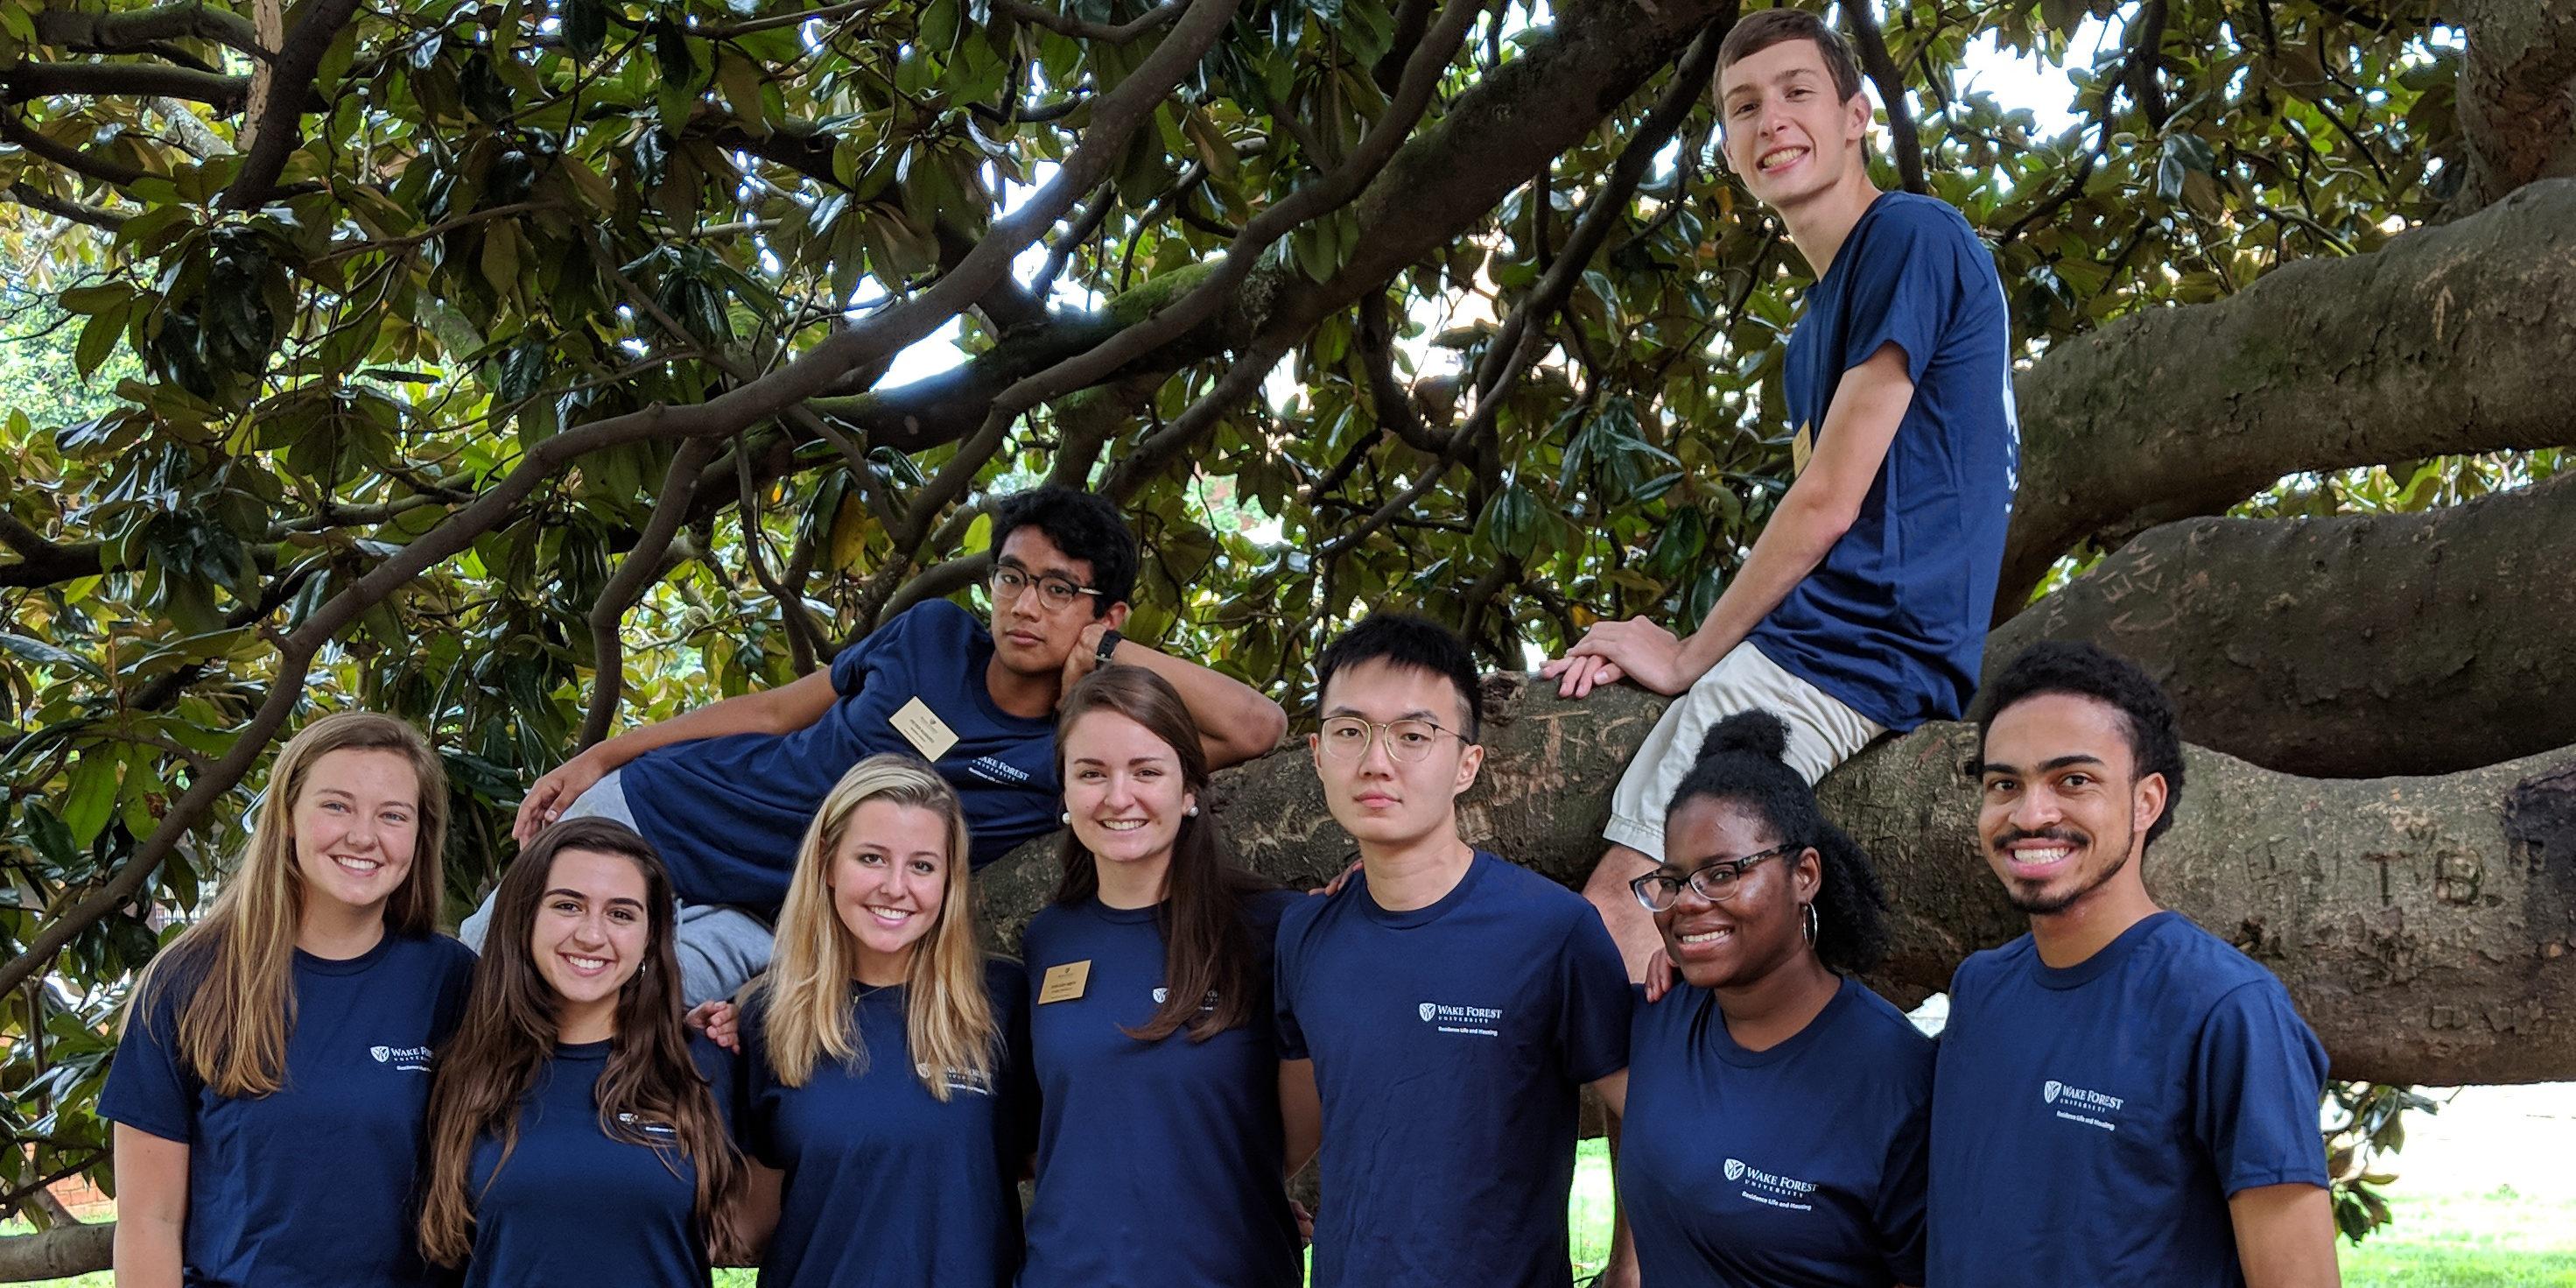 Bostwick Hall Staff Group Photo